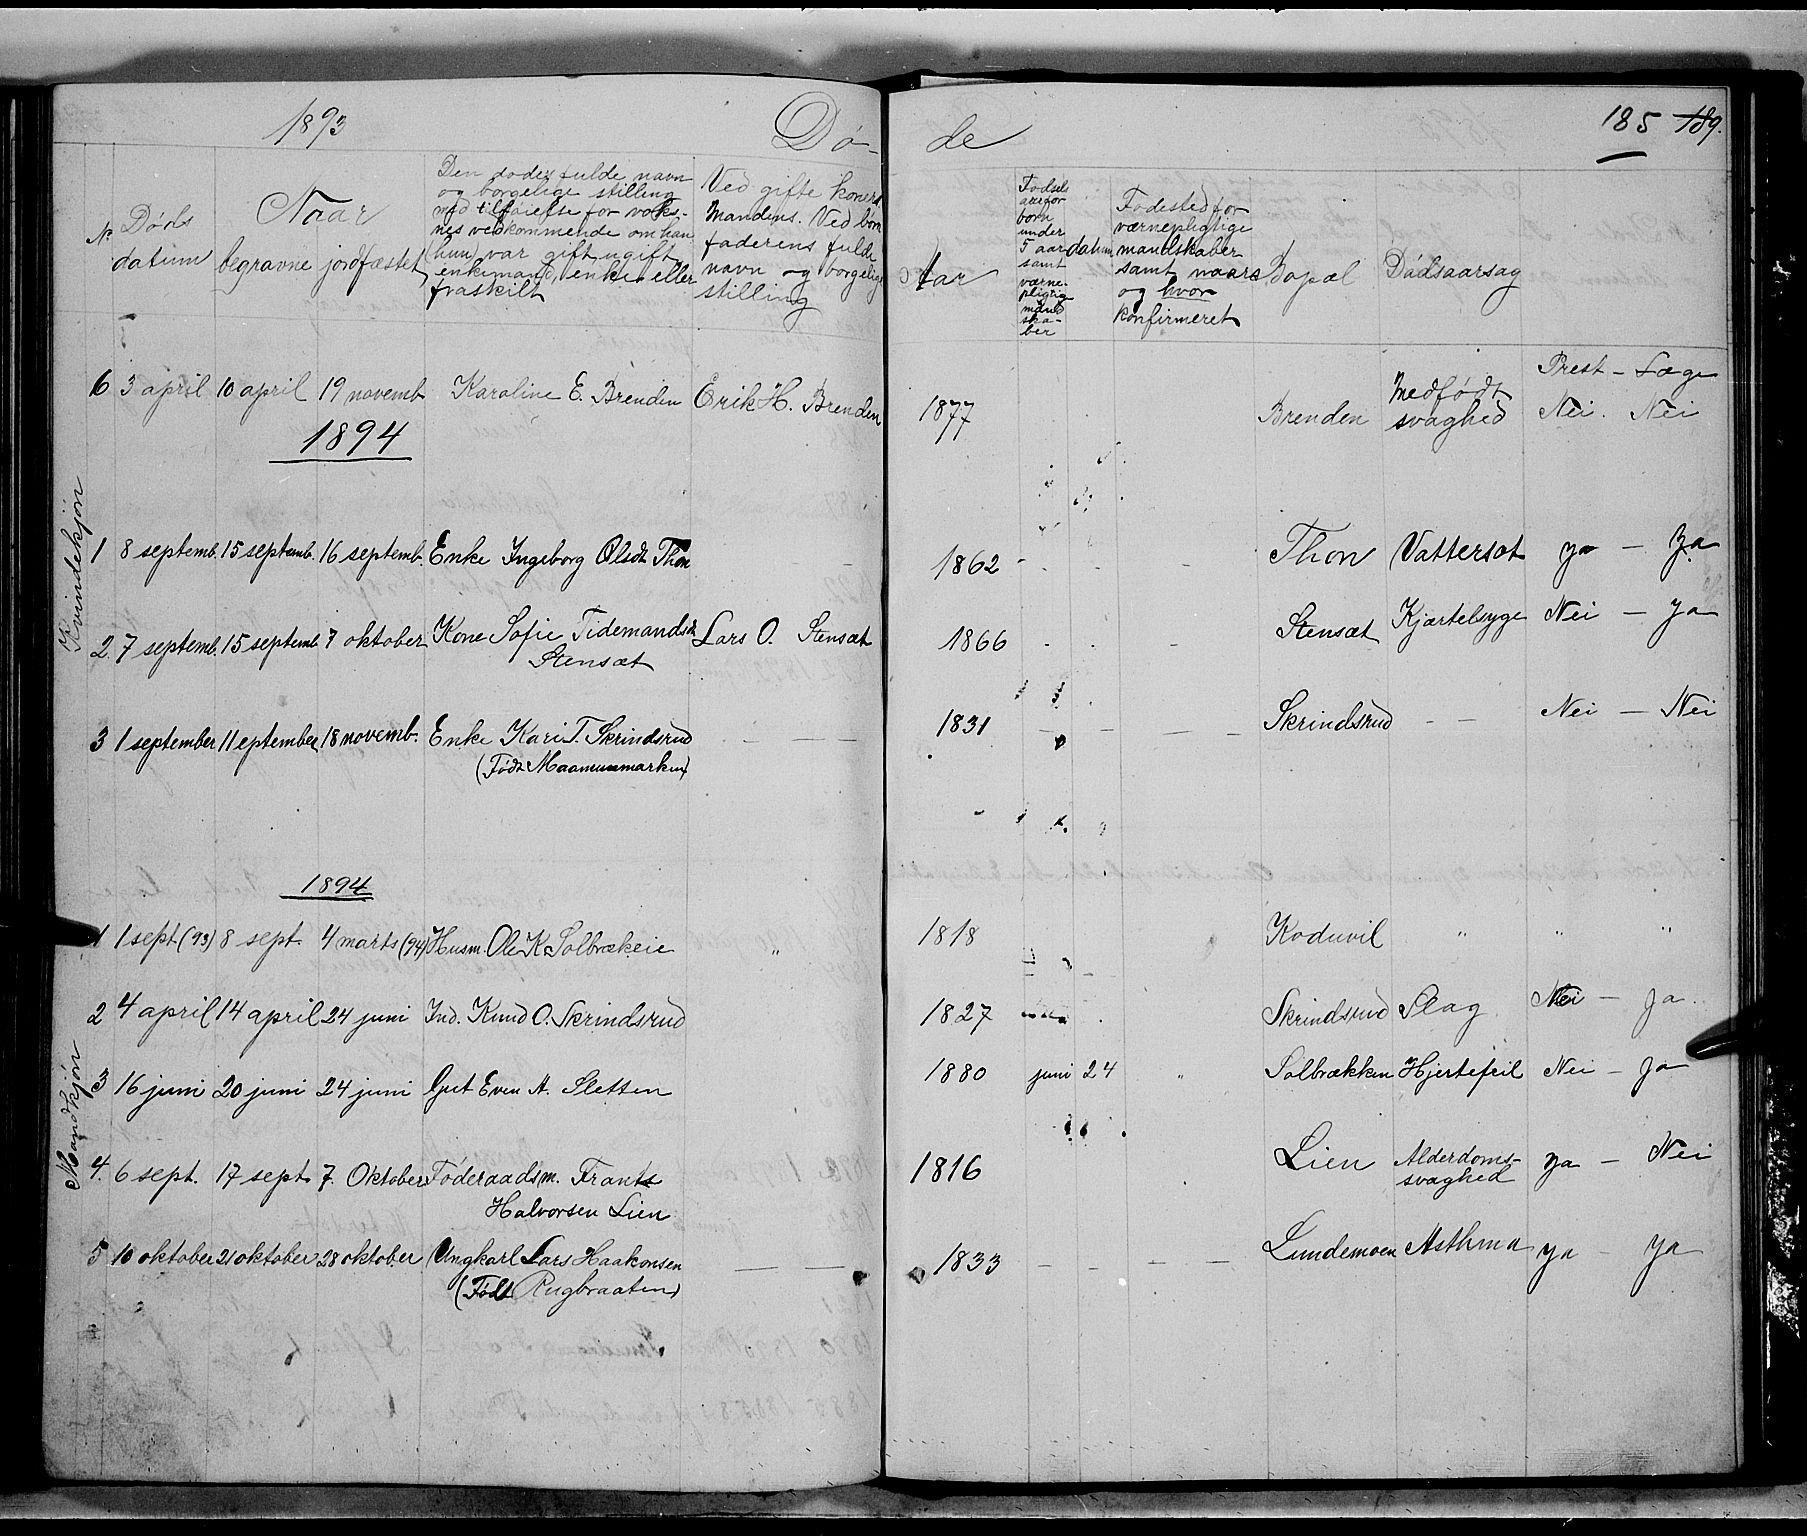 SAH, Nord-Aurdal prestekontor, Klokkerbok nr. 5, 1876-1895, s. 185